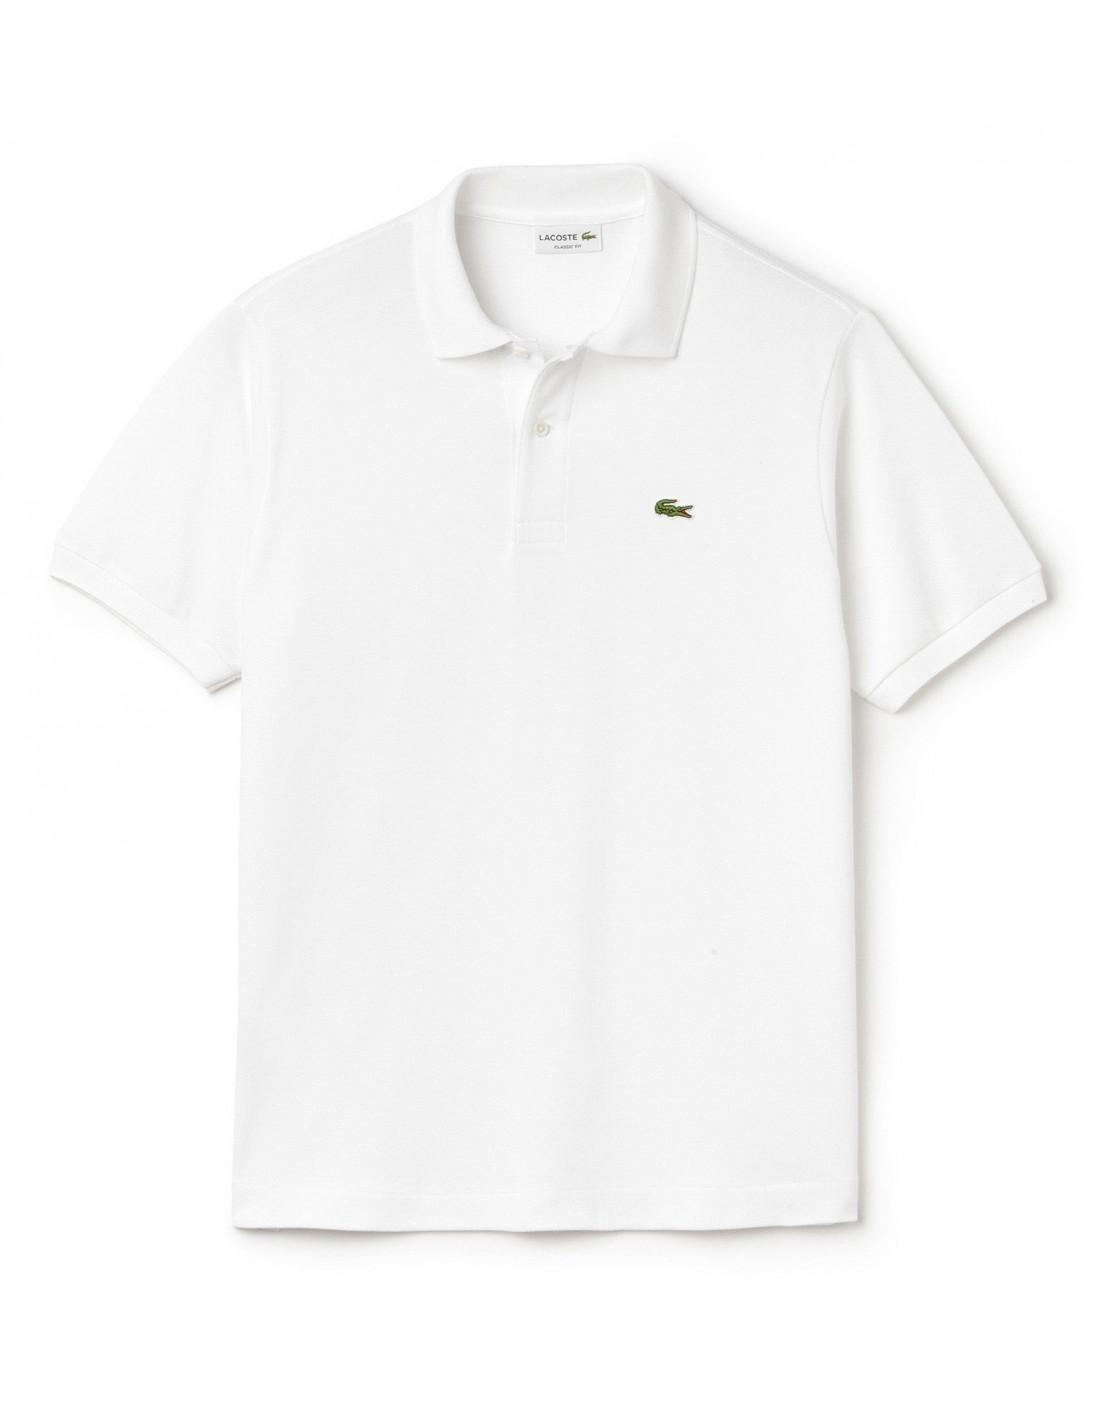 75d682d5b7 Polo Lacoste 1212 Blanc